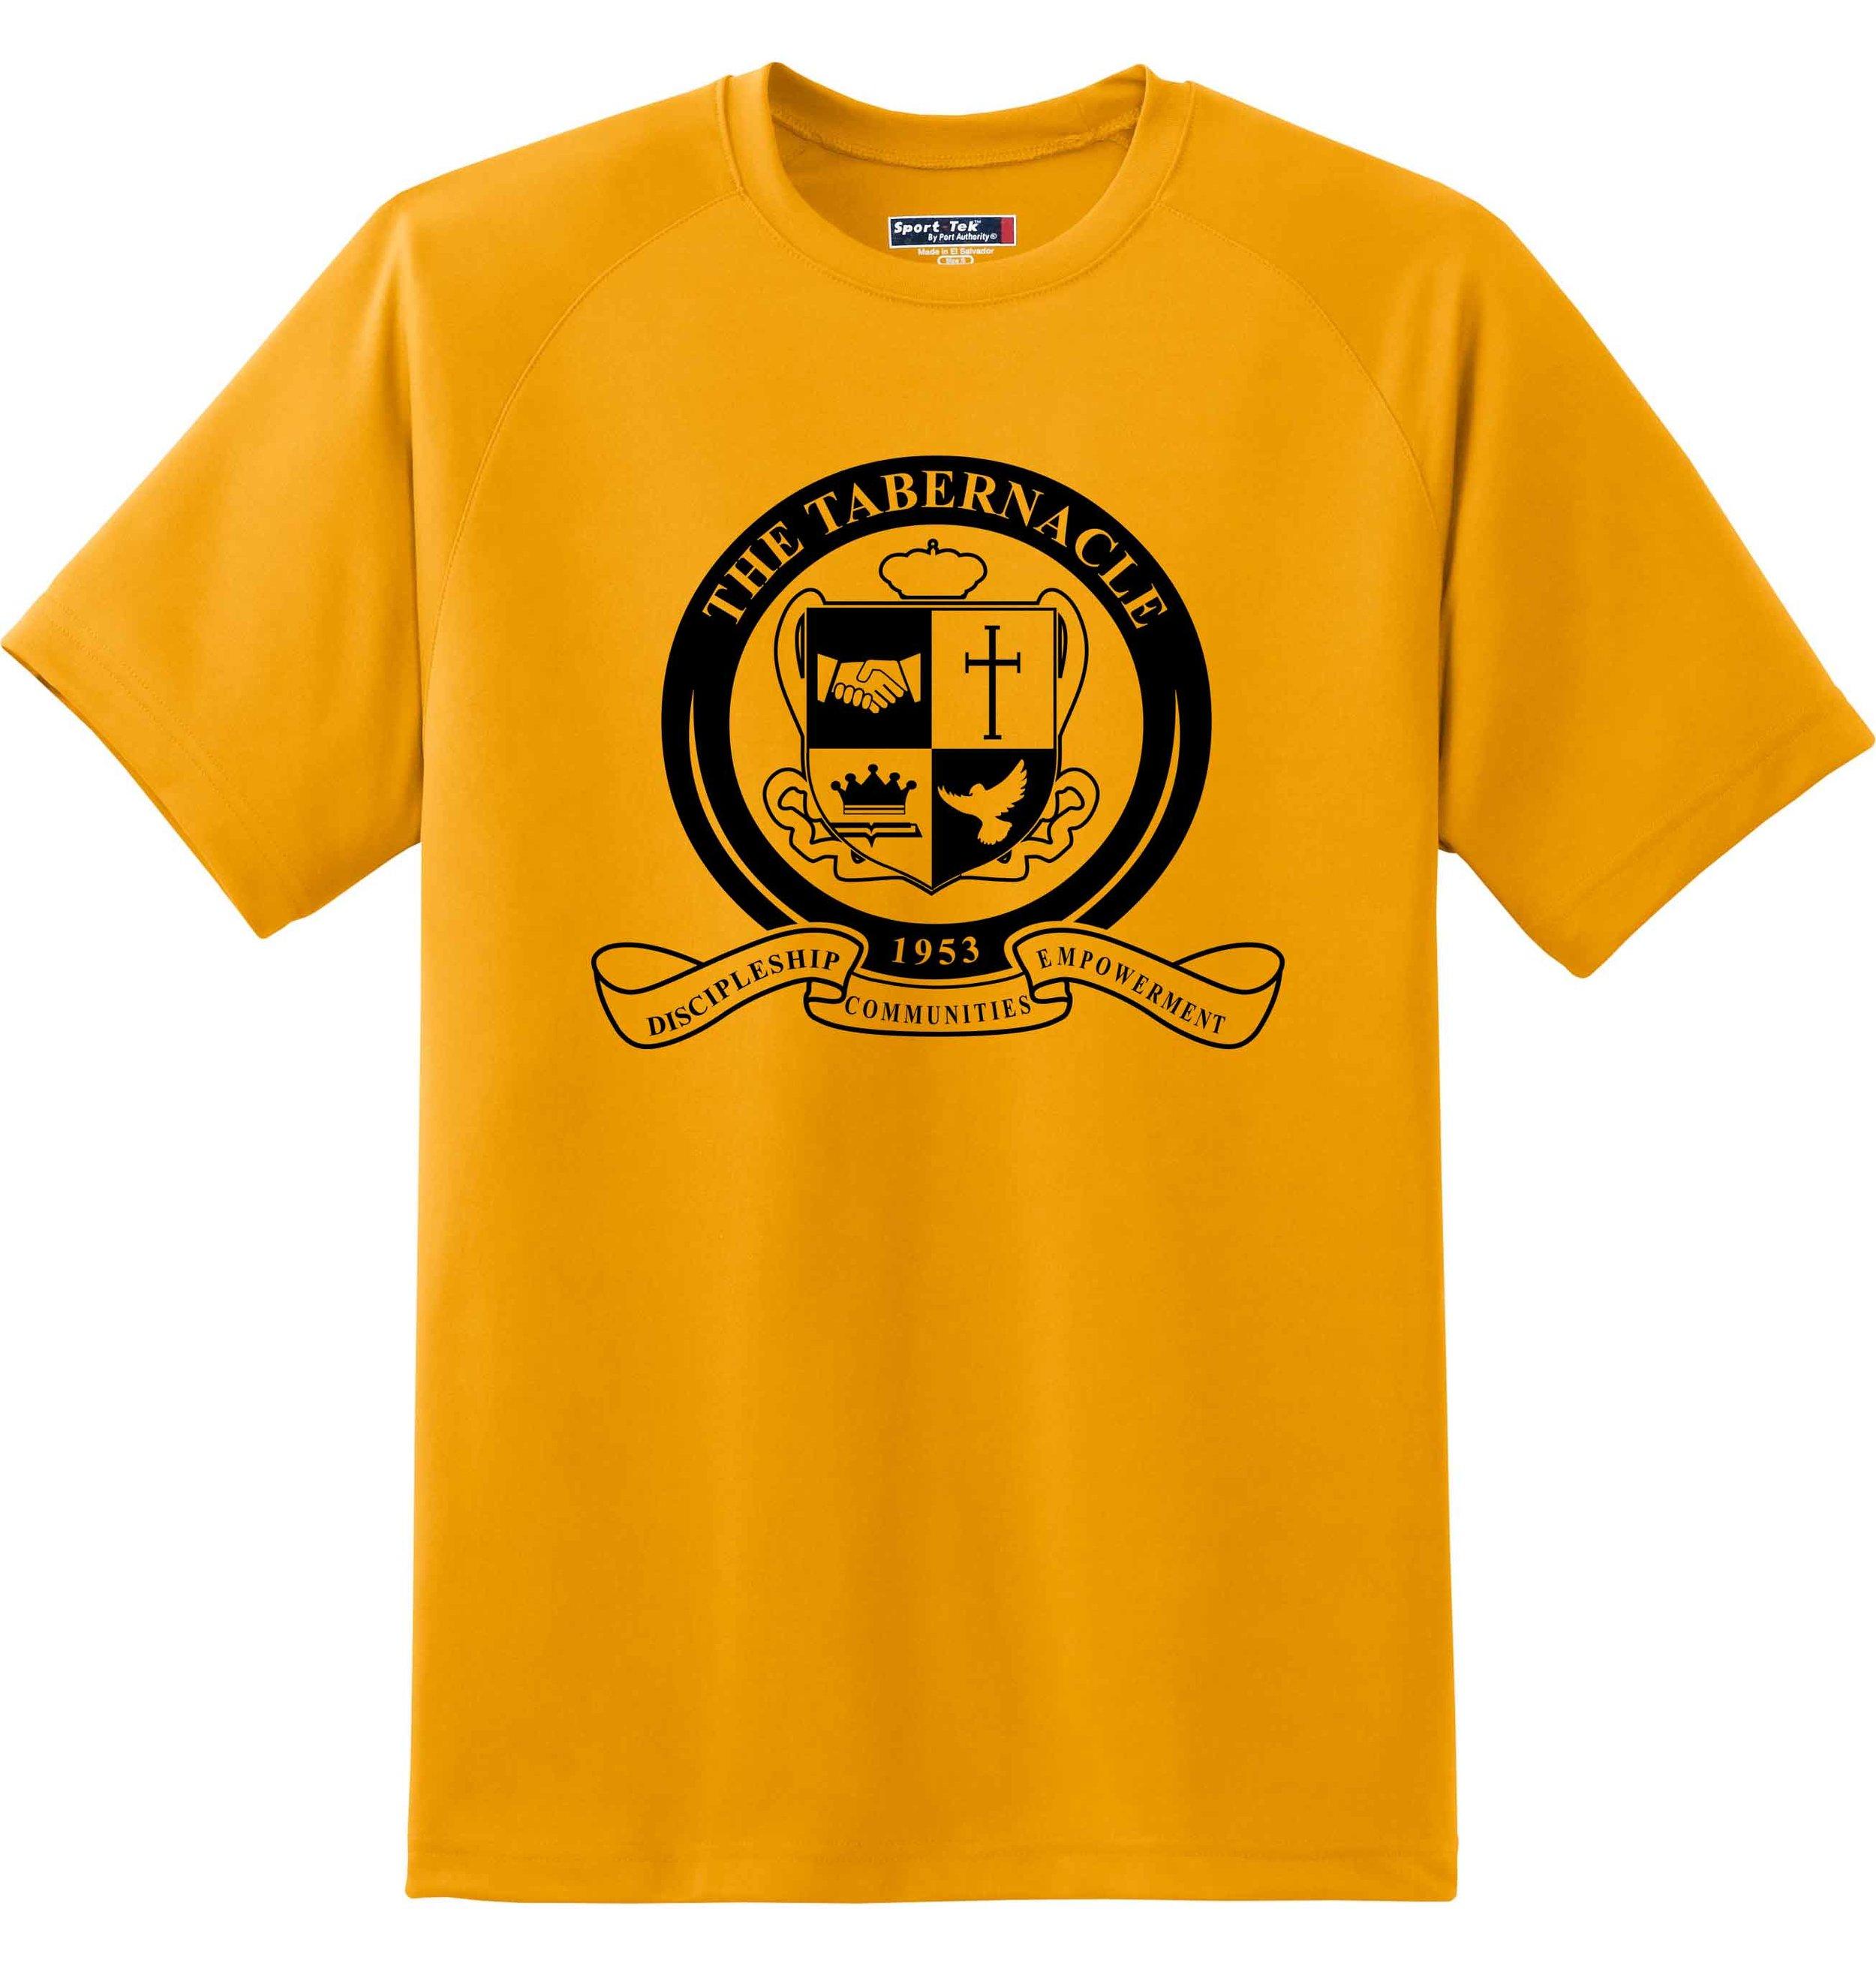 T-SHIRT yellow 3.jpg